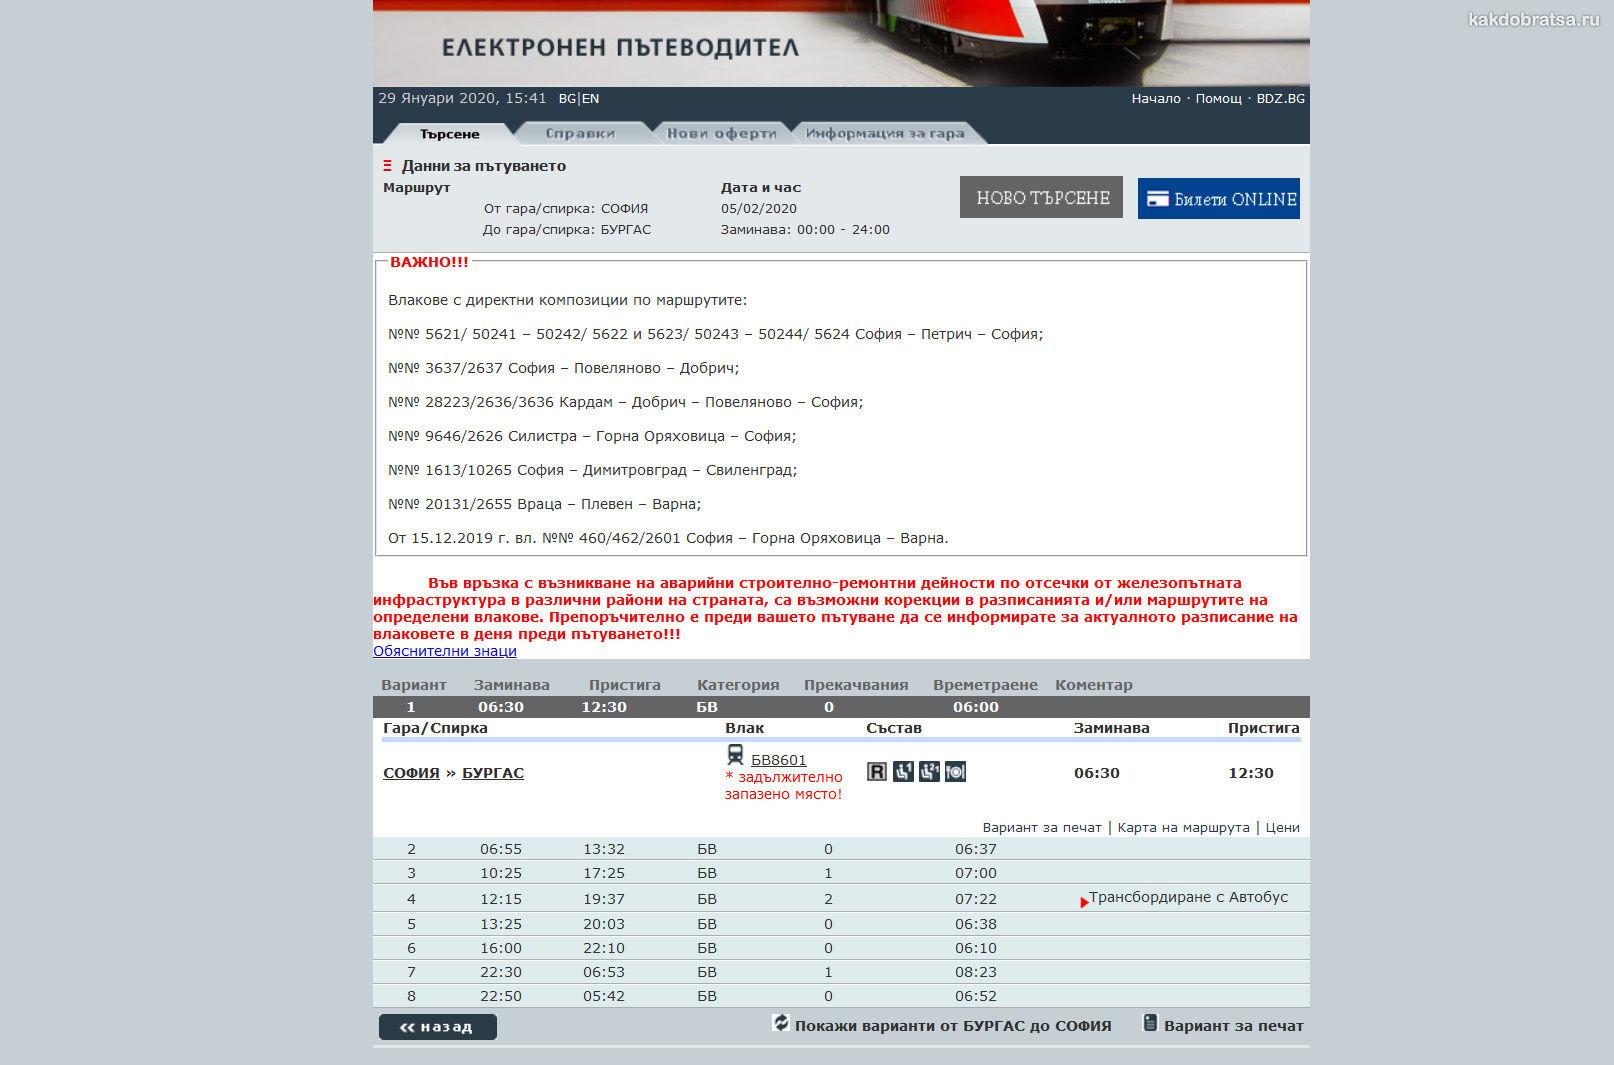 Официальный сайт Болгарские железные дороги